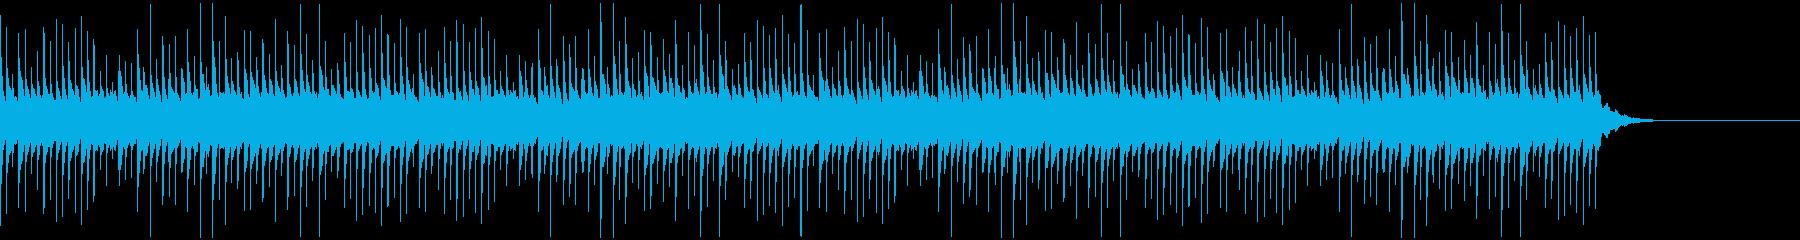 知的な雰囲気のシンセ楽曲の再生済みの波形